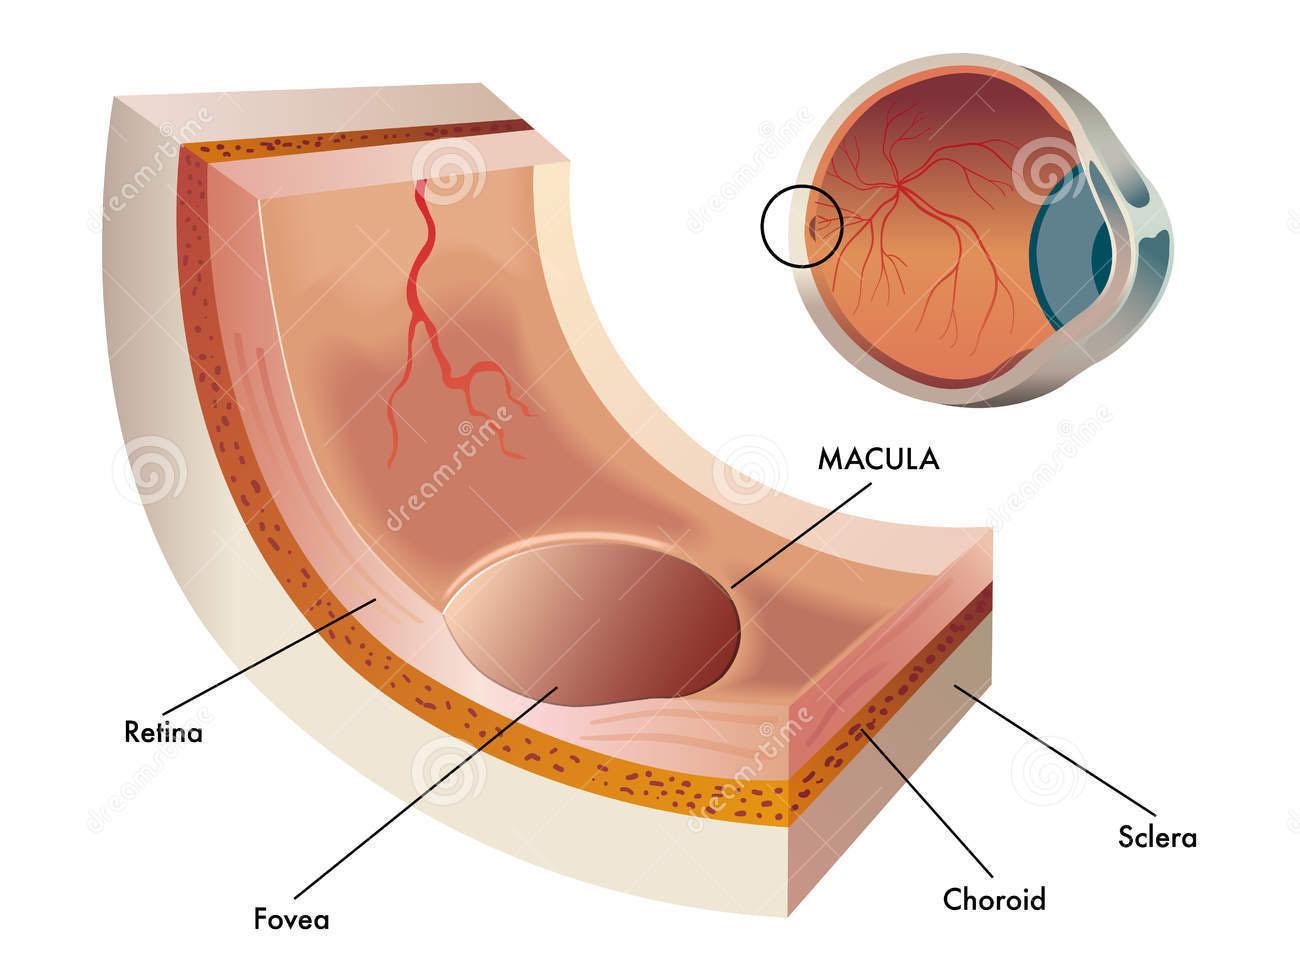 ωχρα-κηλιδα-ανατομια-central-part-retina-human-eye